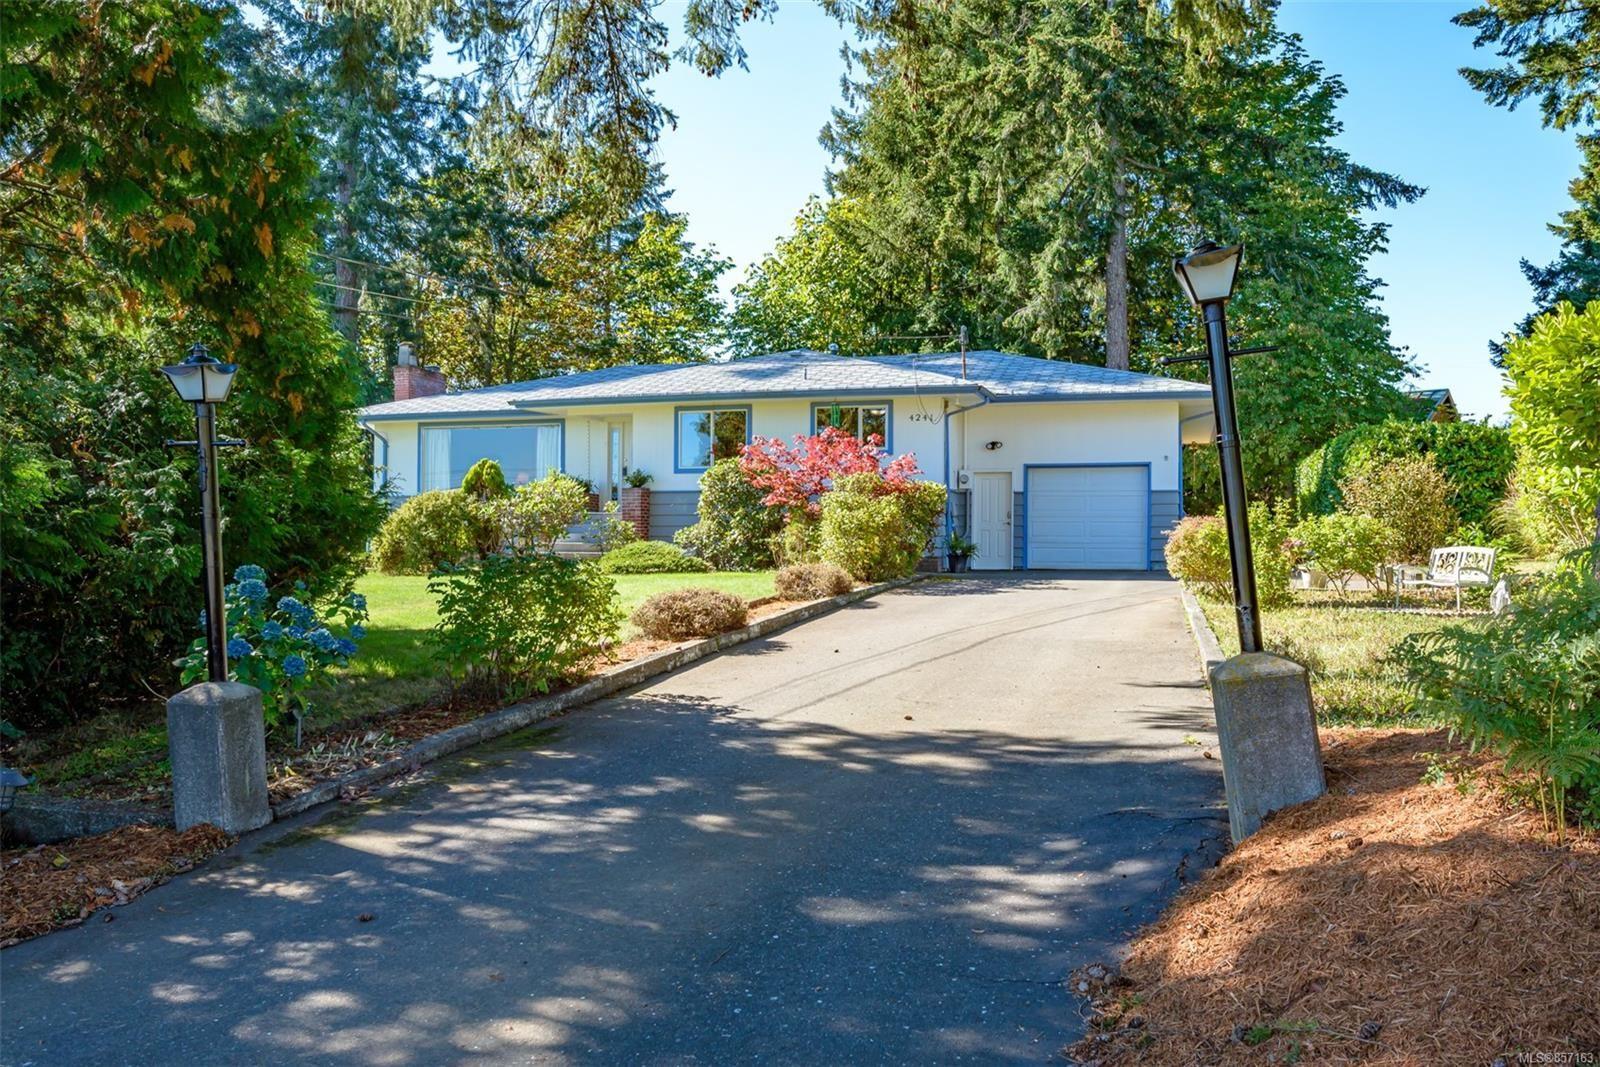 Photo 58: Photos: 4241 Buddington Rd in : CV Courtenay South House for sale (Comox Valley)  : MLS®# 857163